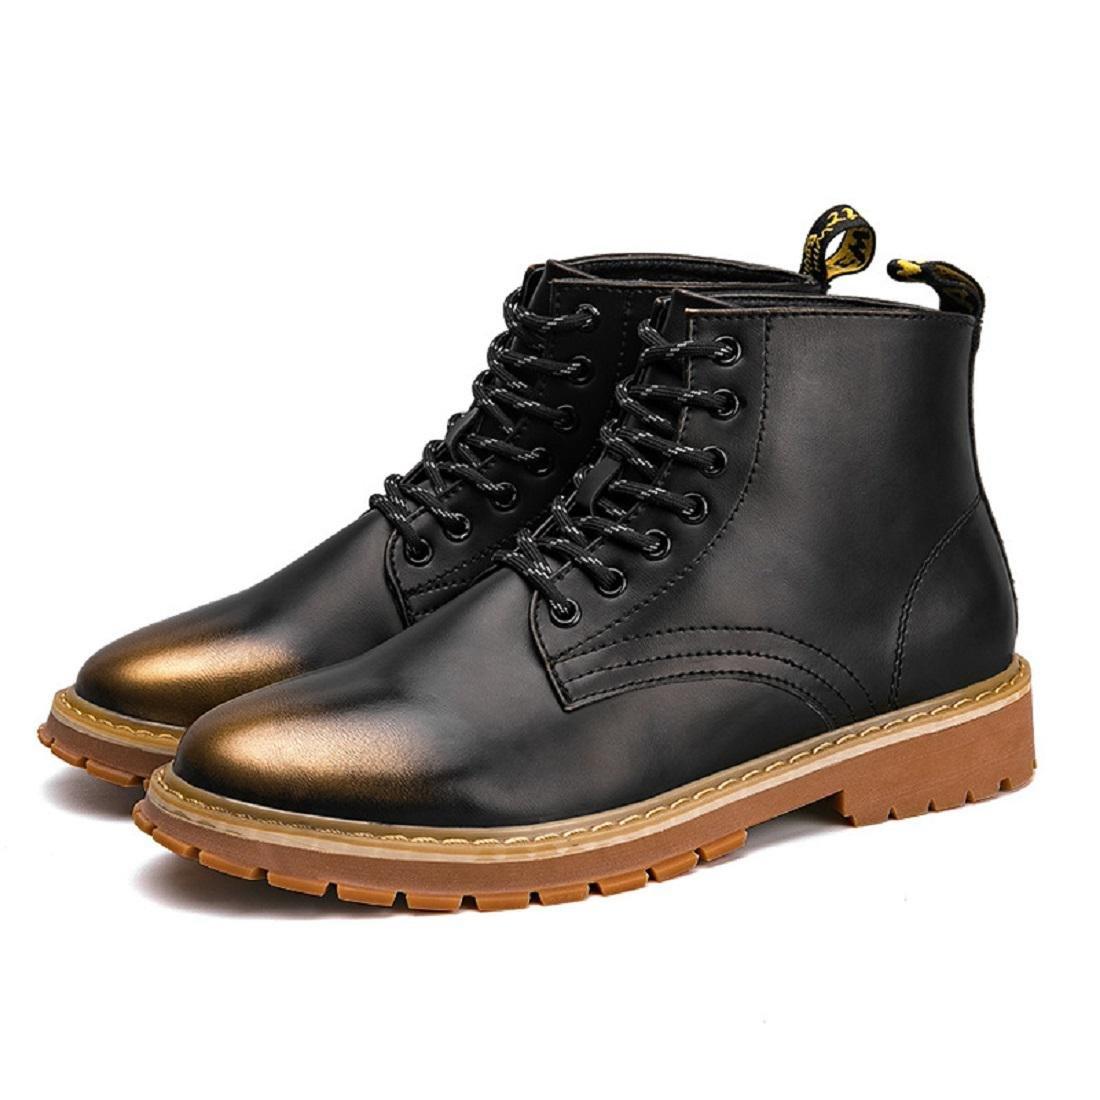 Herren Mode Martin Stiefel Gemütlich Werkzeugschuhe Freizeit Lederschuhe Flache Schuhe Rutschfest Warm halten EUR GRÖSSE 39-44